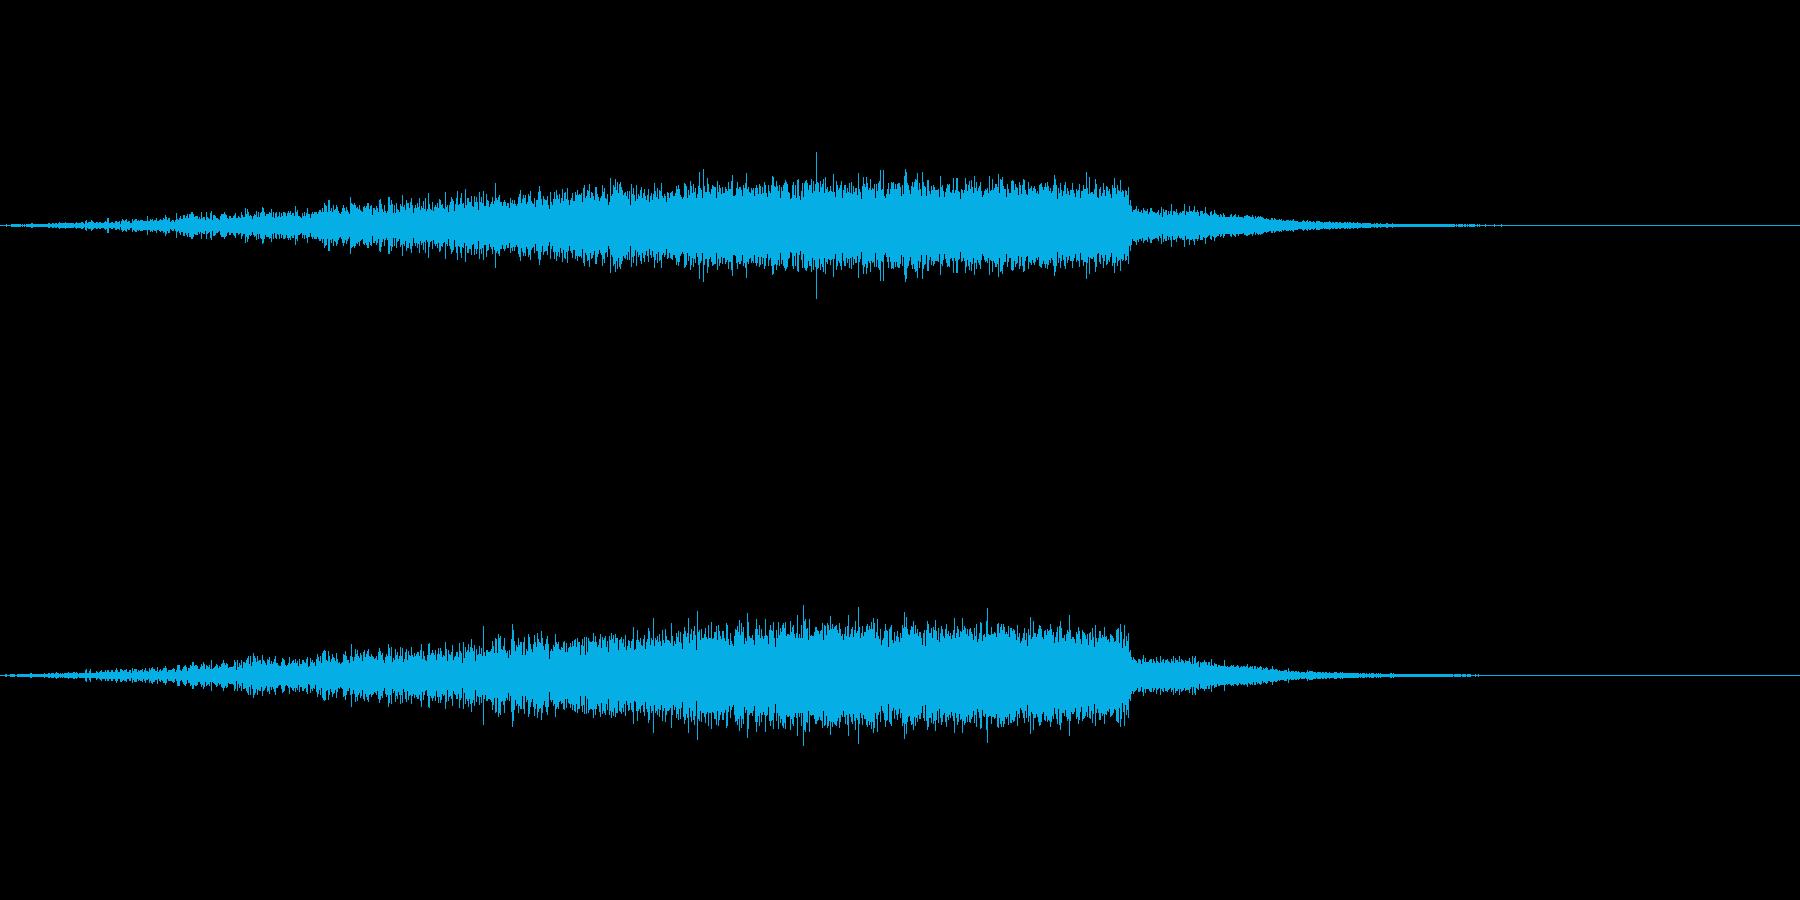 「シュワー(空を飛ぶような音)」の再生済みの波形